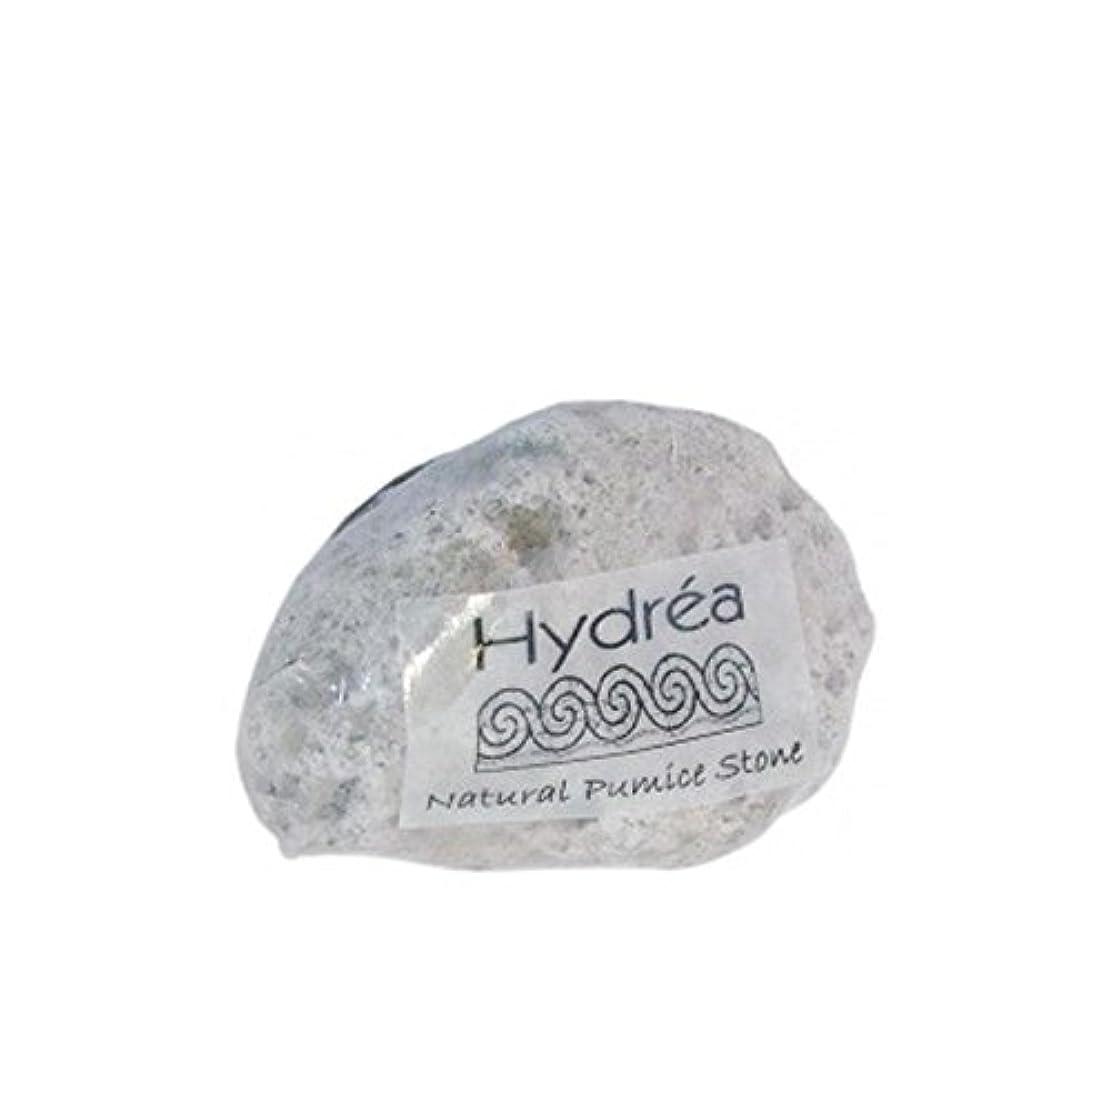 拡散する入る王位Hydrea London - Natural Pumice Stone - ハイドレアロンドン - 自然軽石 [並行輸入品]